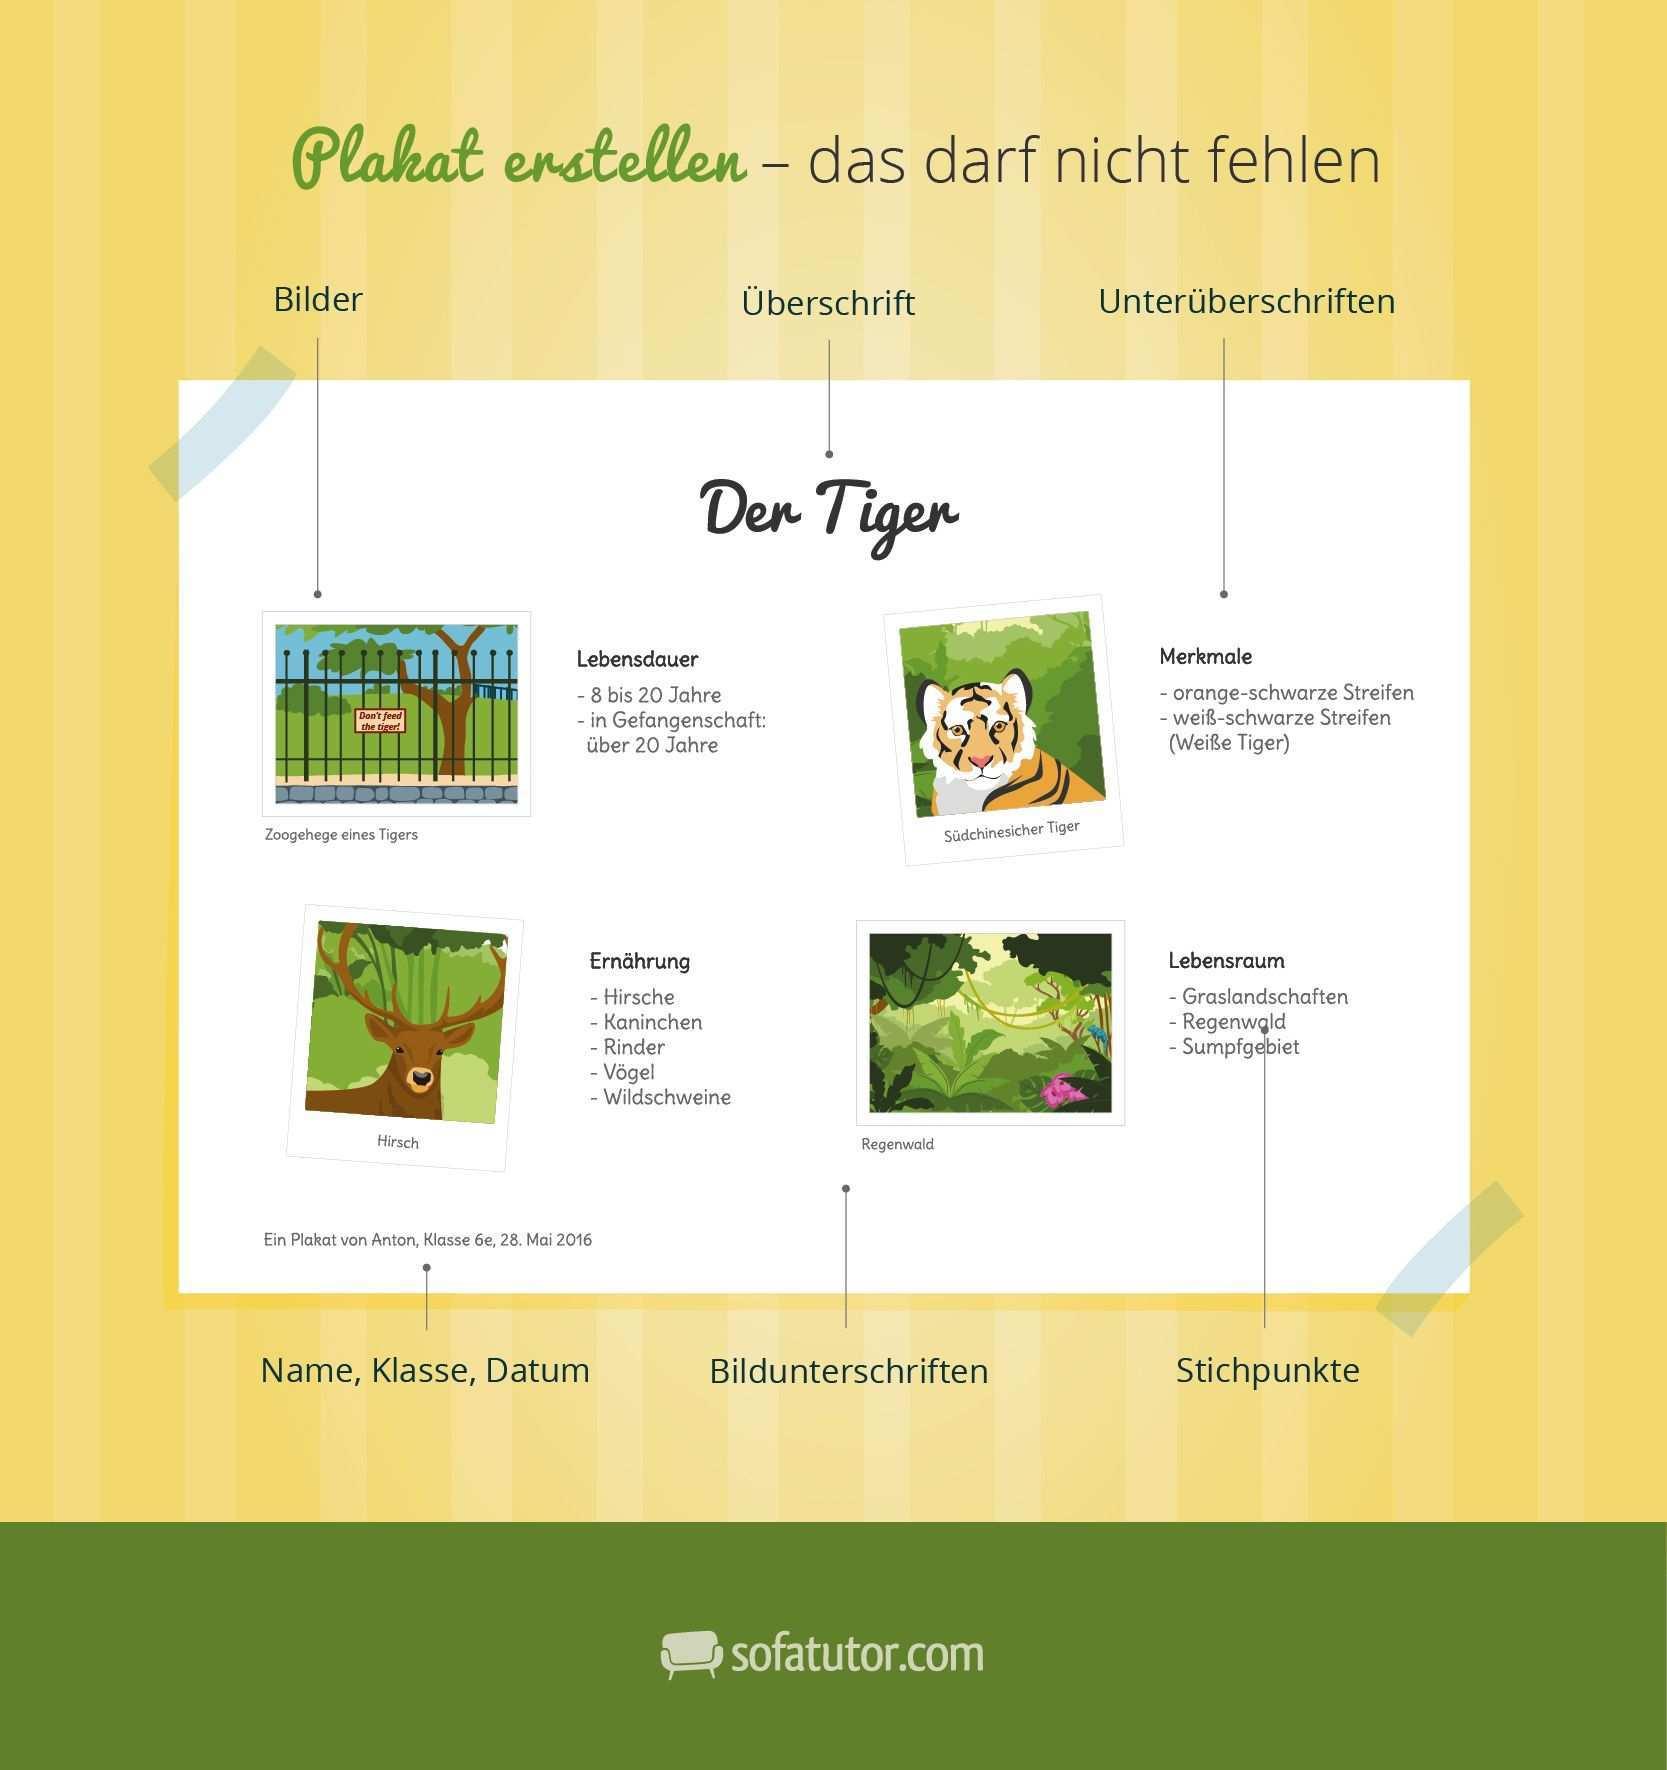 Wie Gestaltet Man Ein Plakat Fur Die Schule Plakate Erstellen Plakat Gestalten Plakat